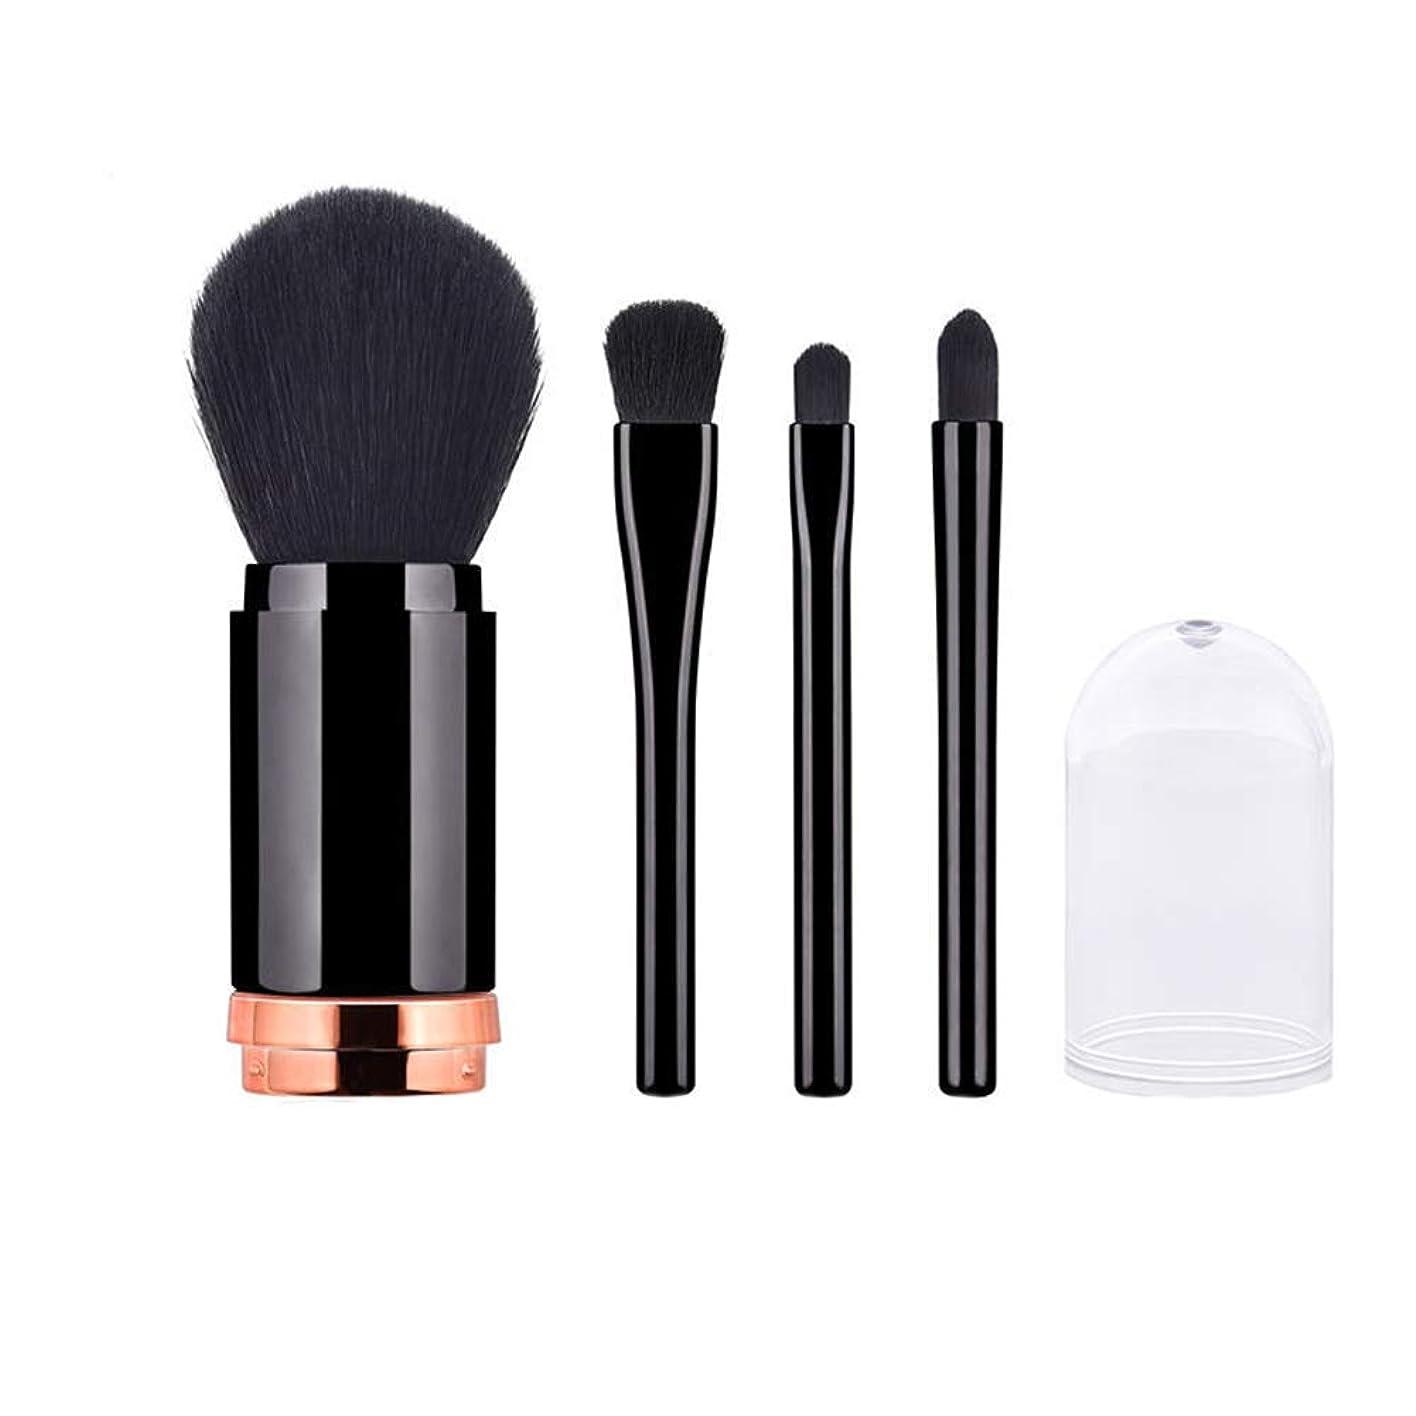 フォーマルブロー更新する1女性に付き4引き込み式の柔らかい基礎粉の構造のブラシ化粧品用具 - 黒